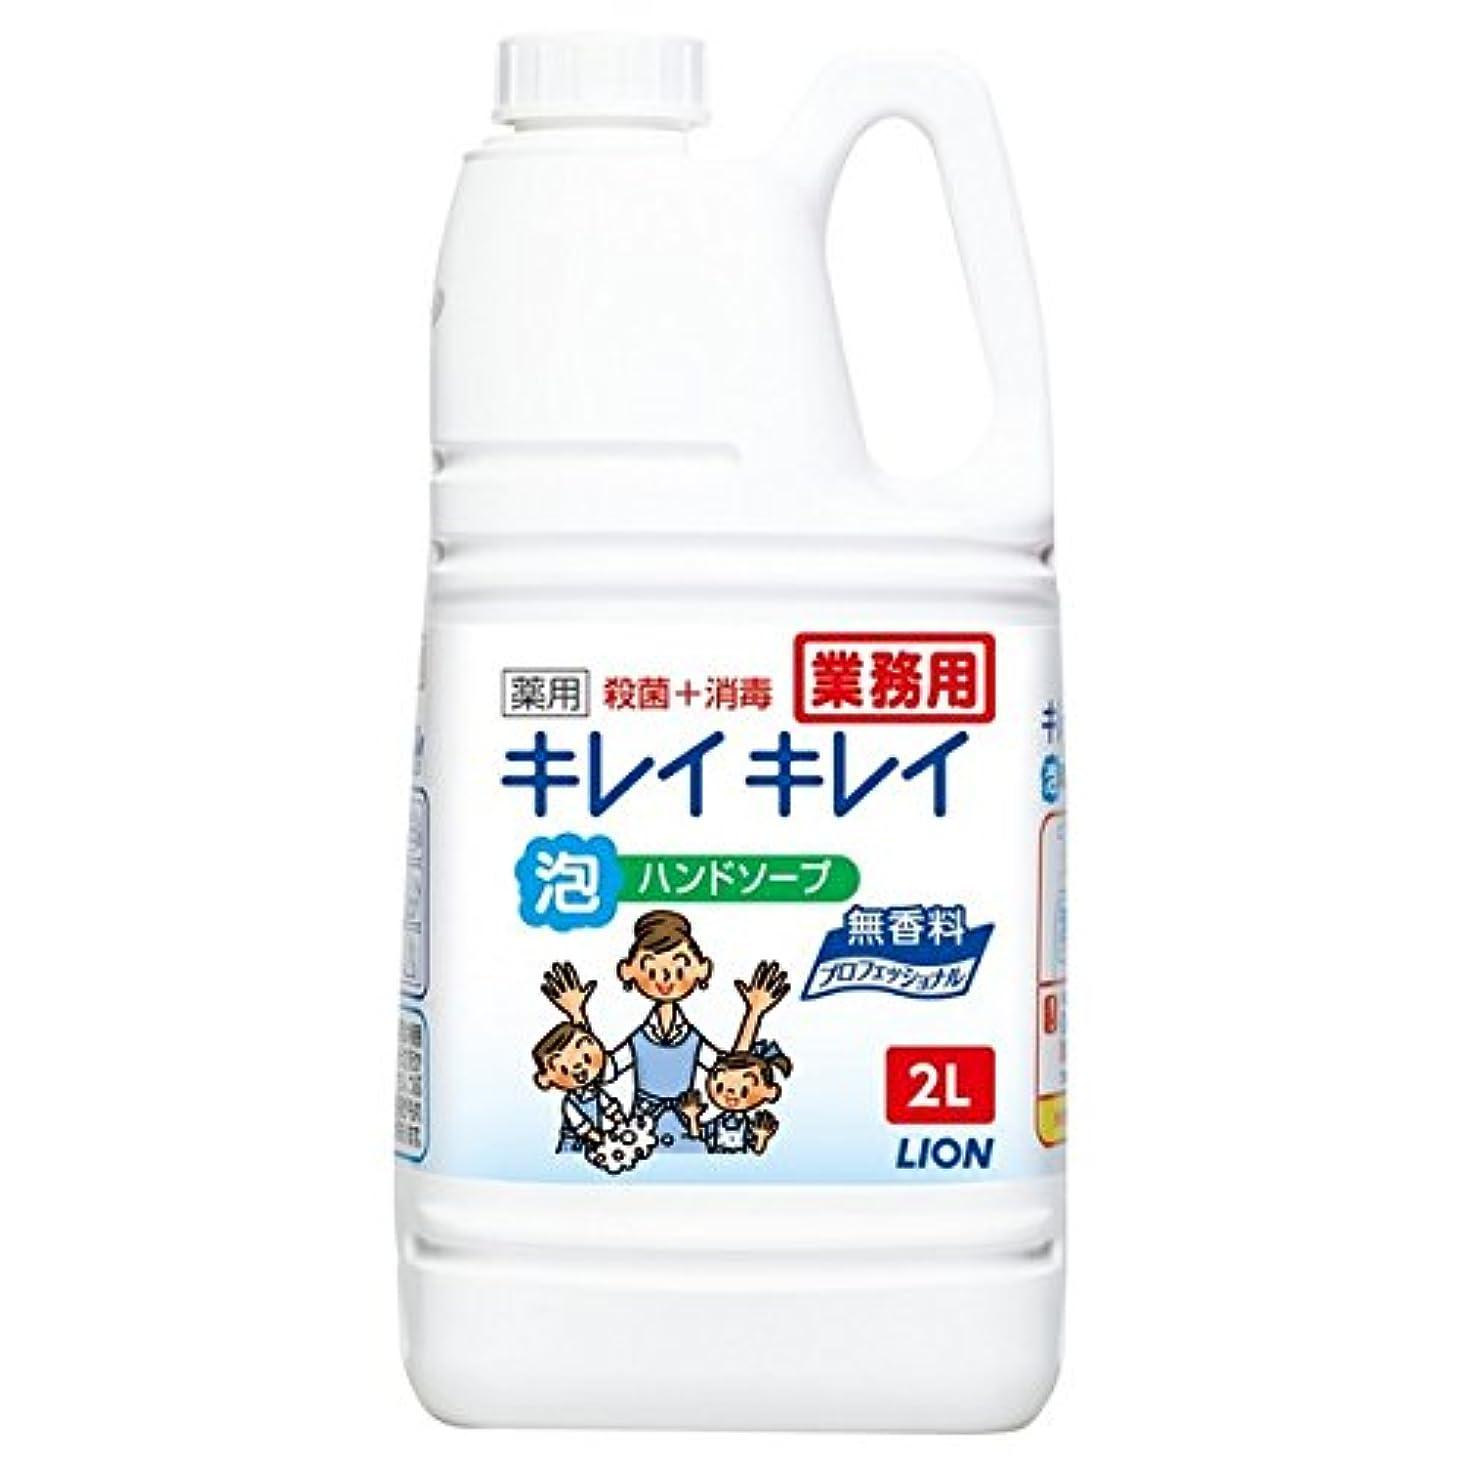 オープニング包帯三角ライオン キレイキレイ薬用泡ハンドソープ 無香料 2L×6本入